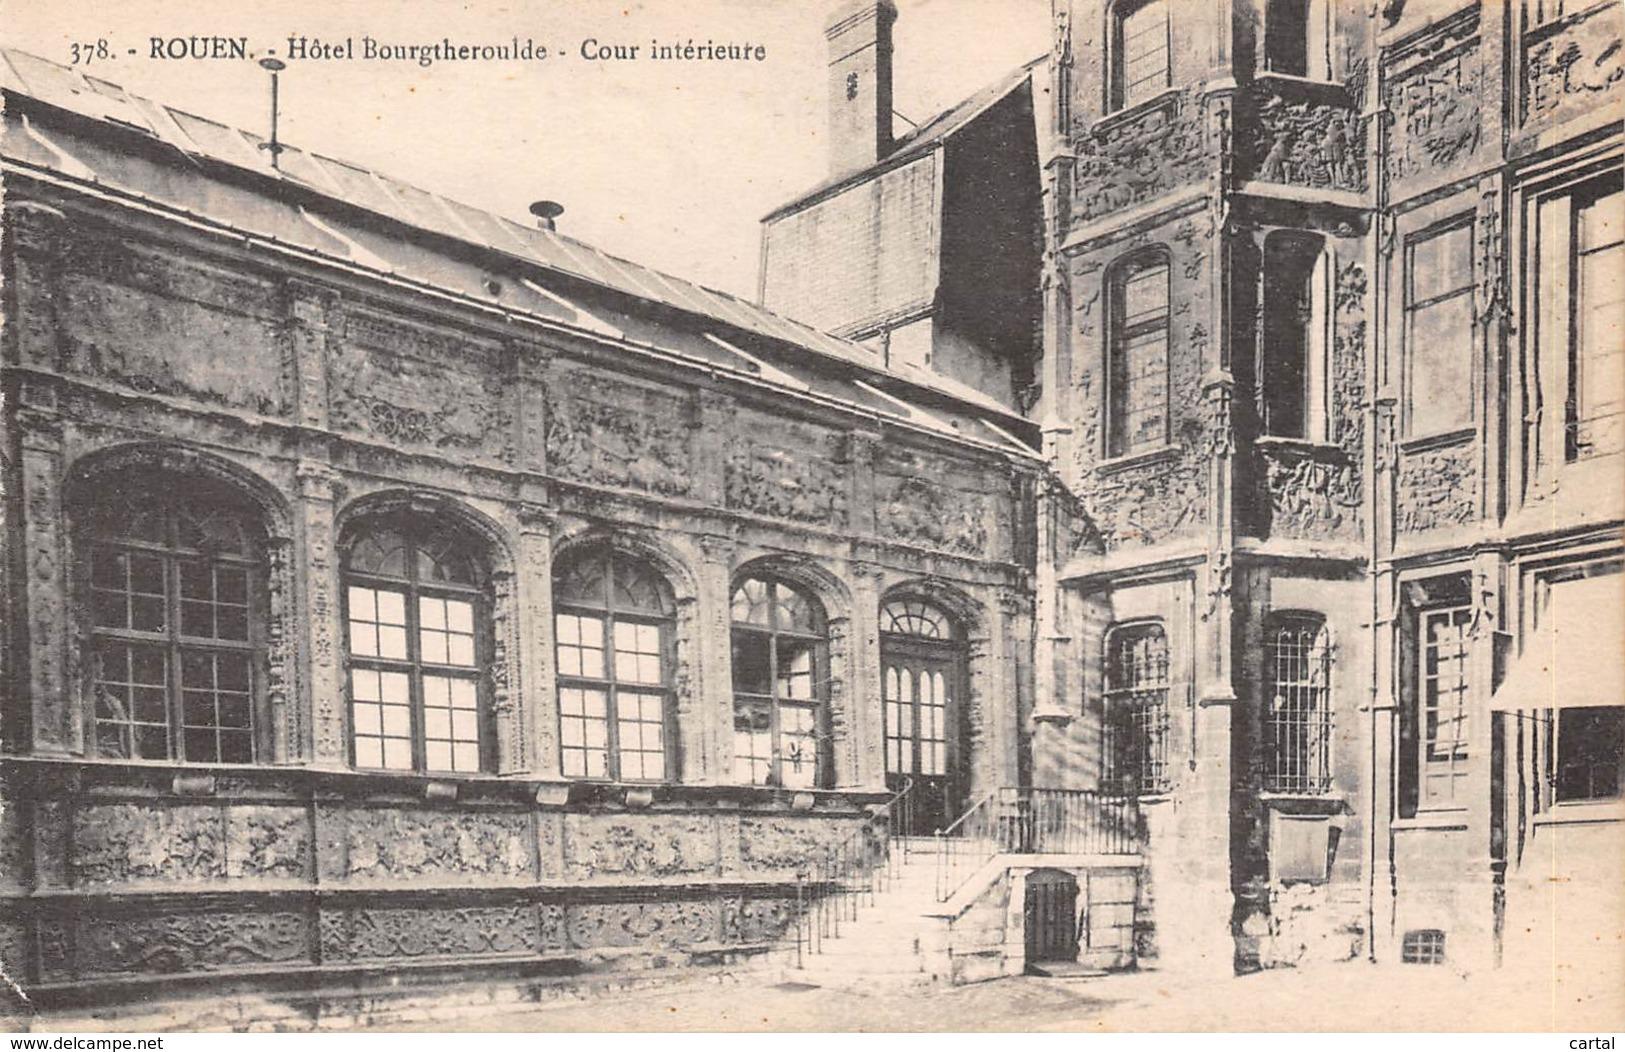 76 - ROUEN - Hôtel Bourgtheroulde - Cour Intérieure - Rouen